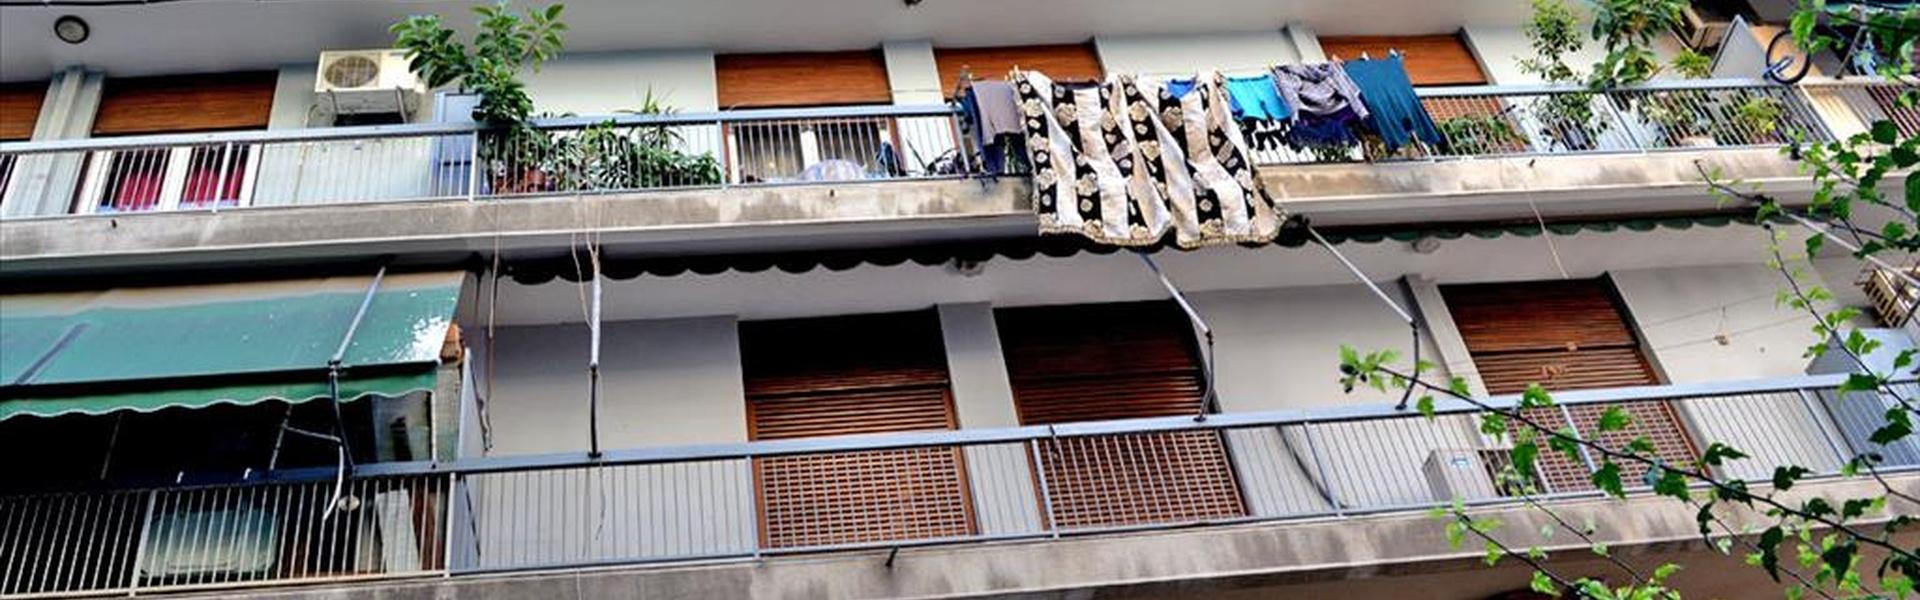 Недвижимость в греции купить недорого